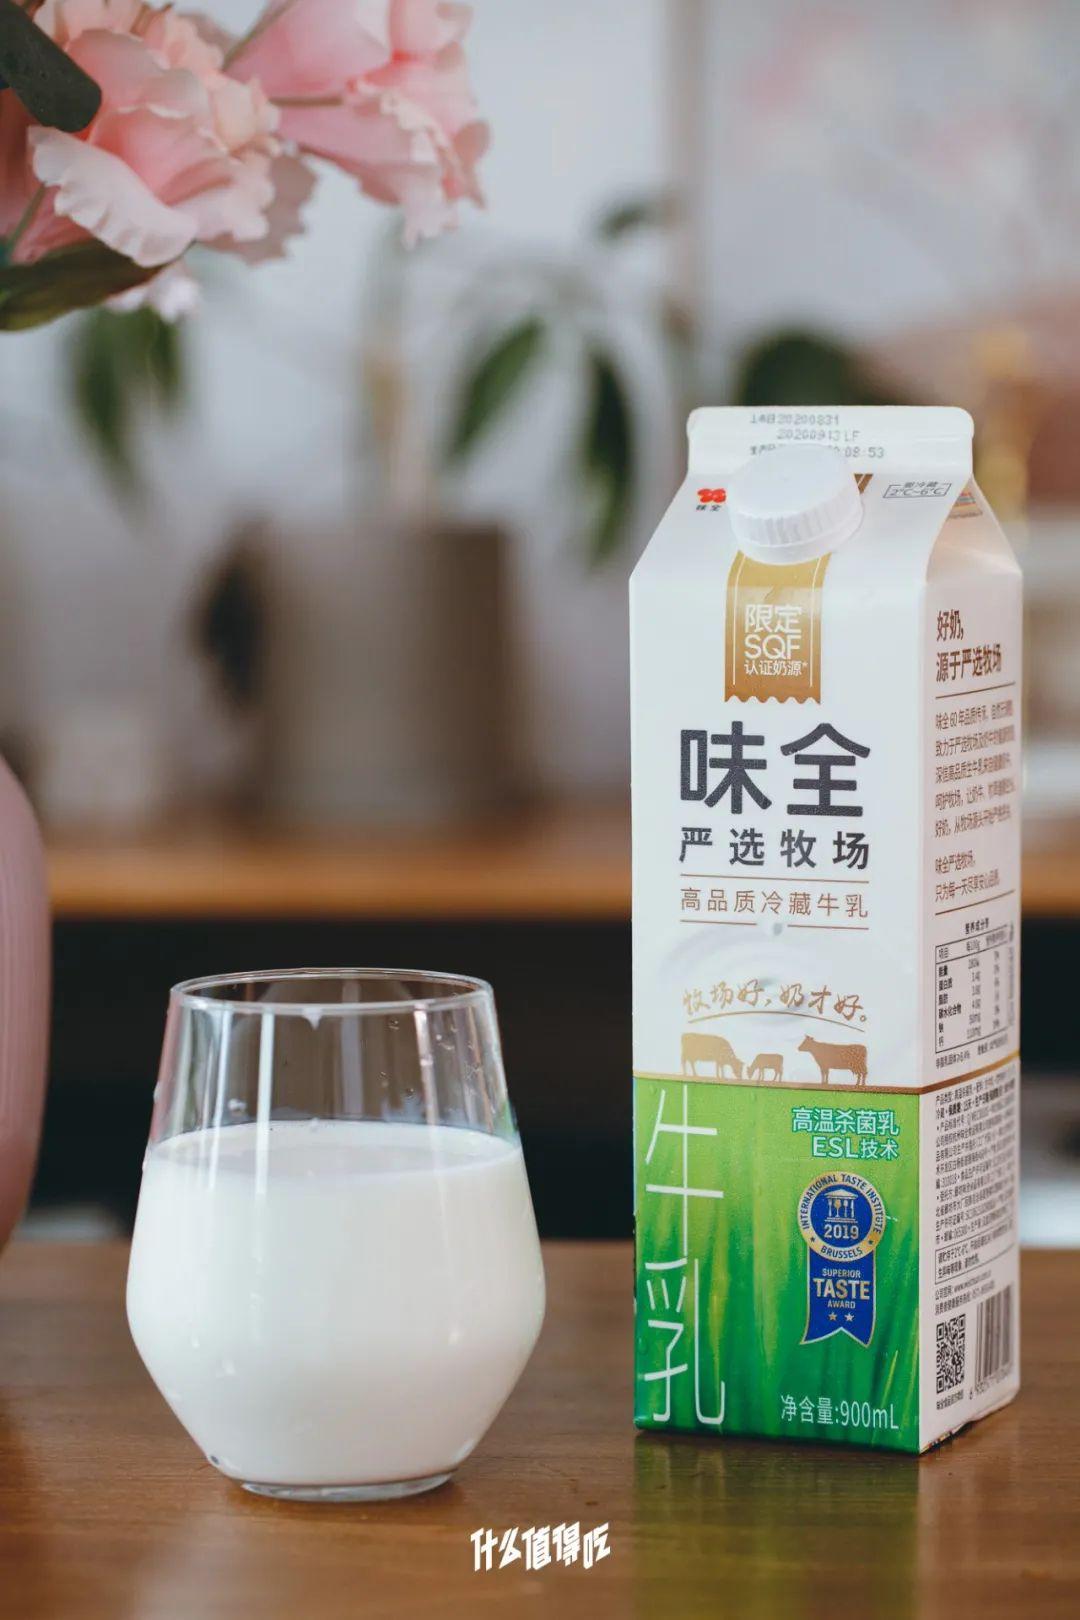 盲测 10 瓶鲜牛奶,我们发现这 3 瓶最值得买